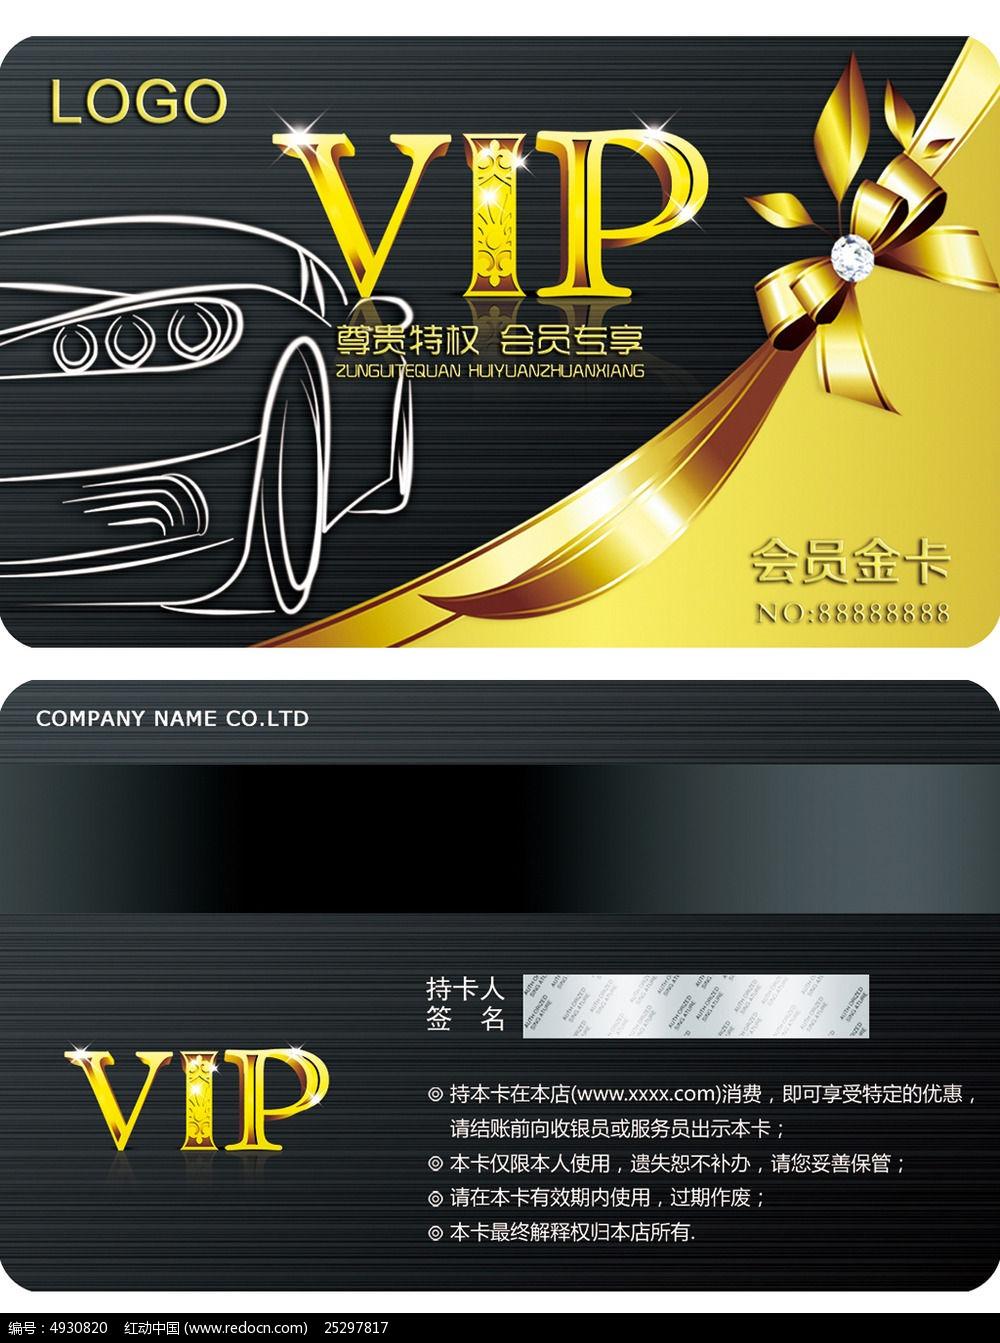 贺卡/请帖/会员卡 vip卡|会员卡设计 汽车美容vip卡  请您分享: 红动